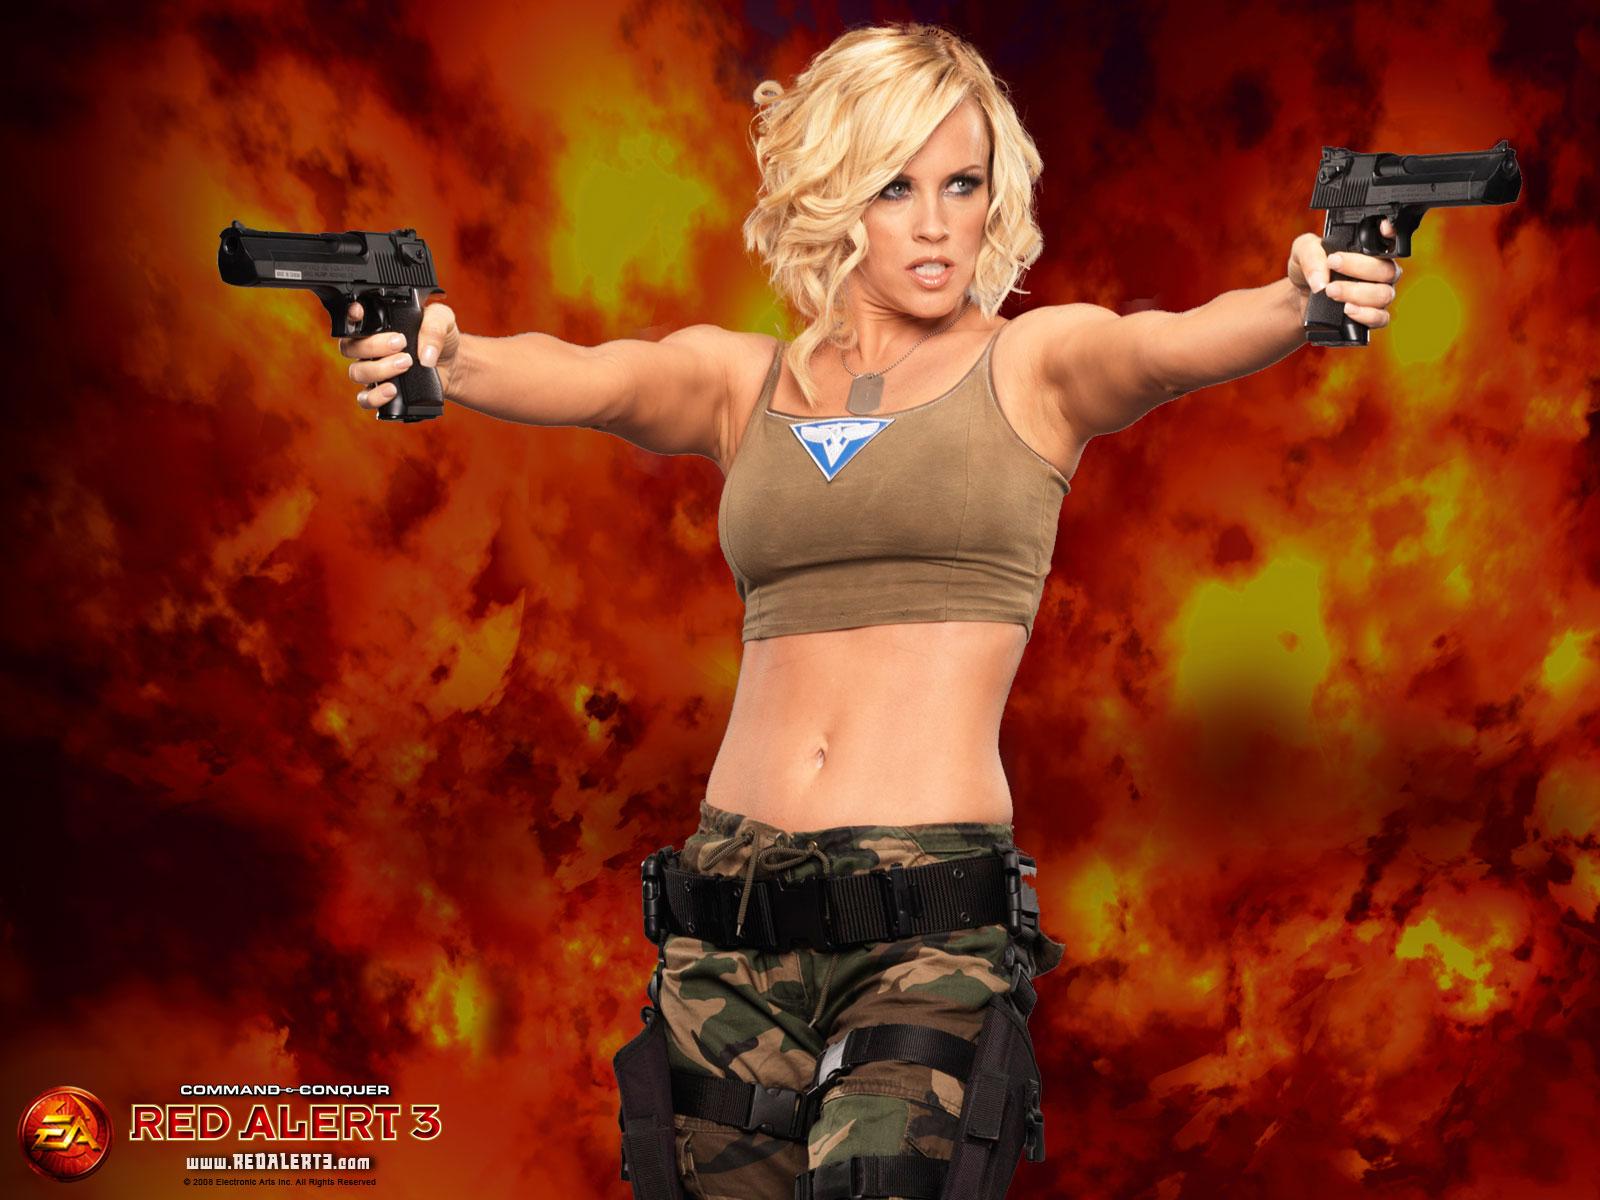 http://4.bp.blogspot.com/-BZHHmmgPQ8k/TlNd7GAekdI/AAAAAAAAAQ4/m_8YbyxihUk/s1600/Red+Alert+3+Wallpaper+%2528www.gameswallpapersatoz.blogspot.com%25295.jpg